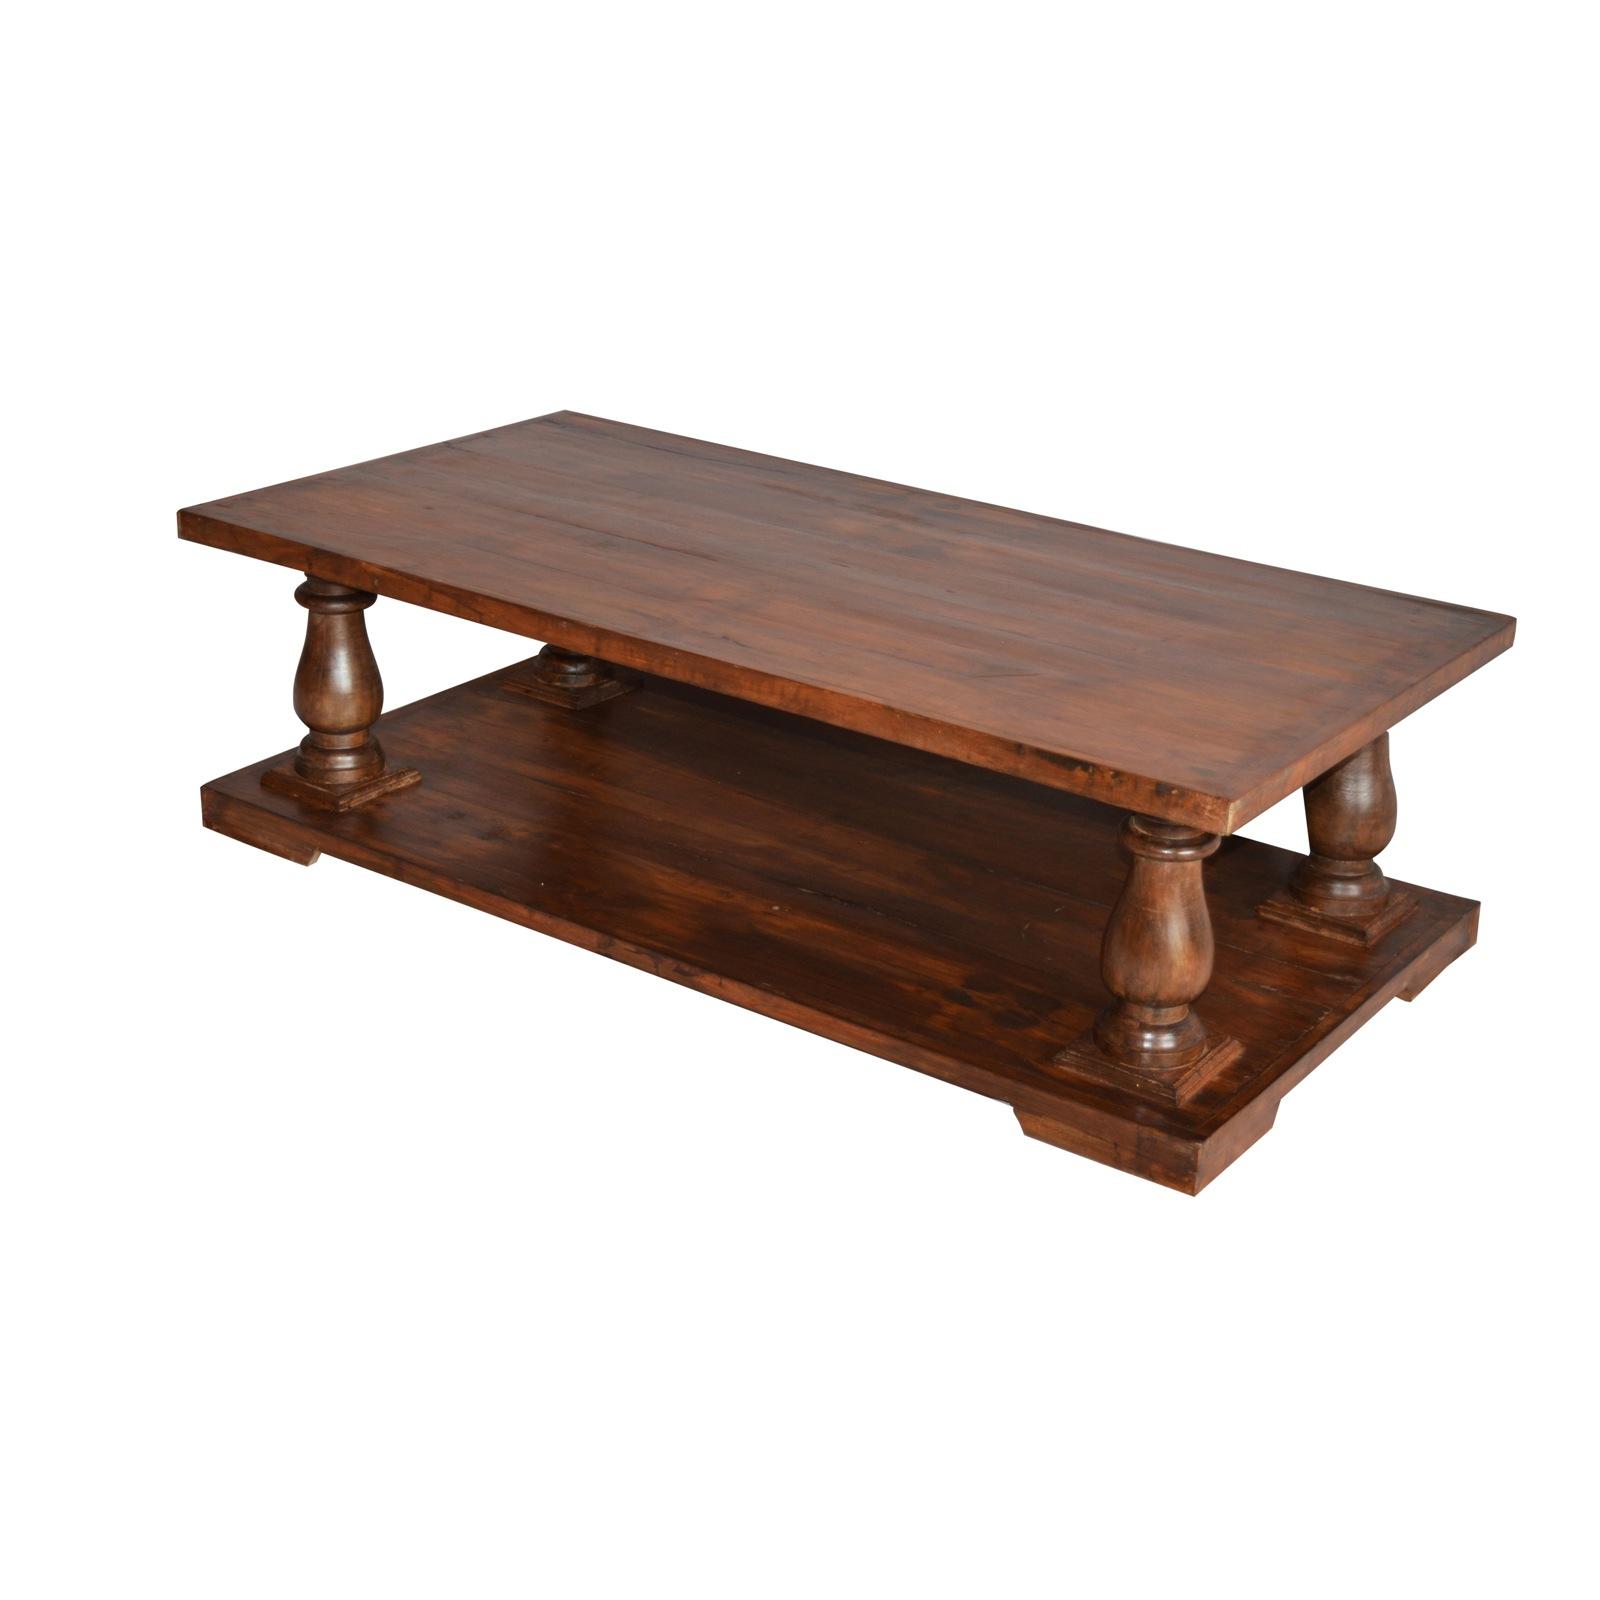 wooden coffee table old teak wood top - Teak Wood Coffee Tables